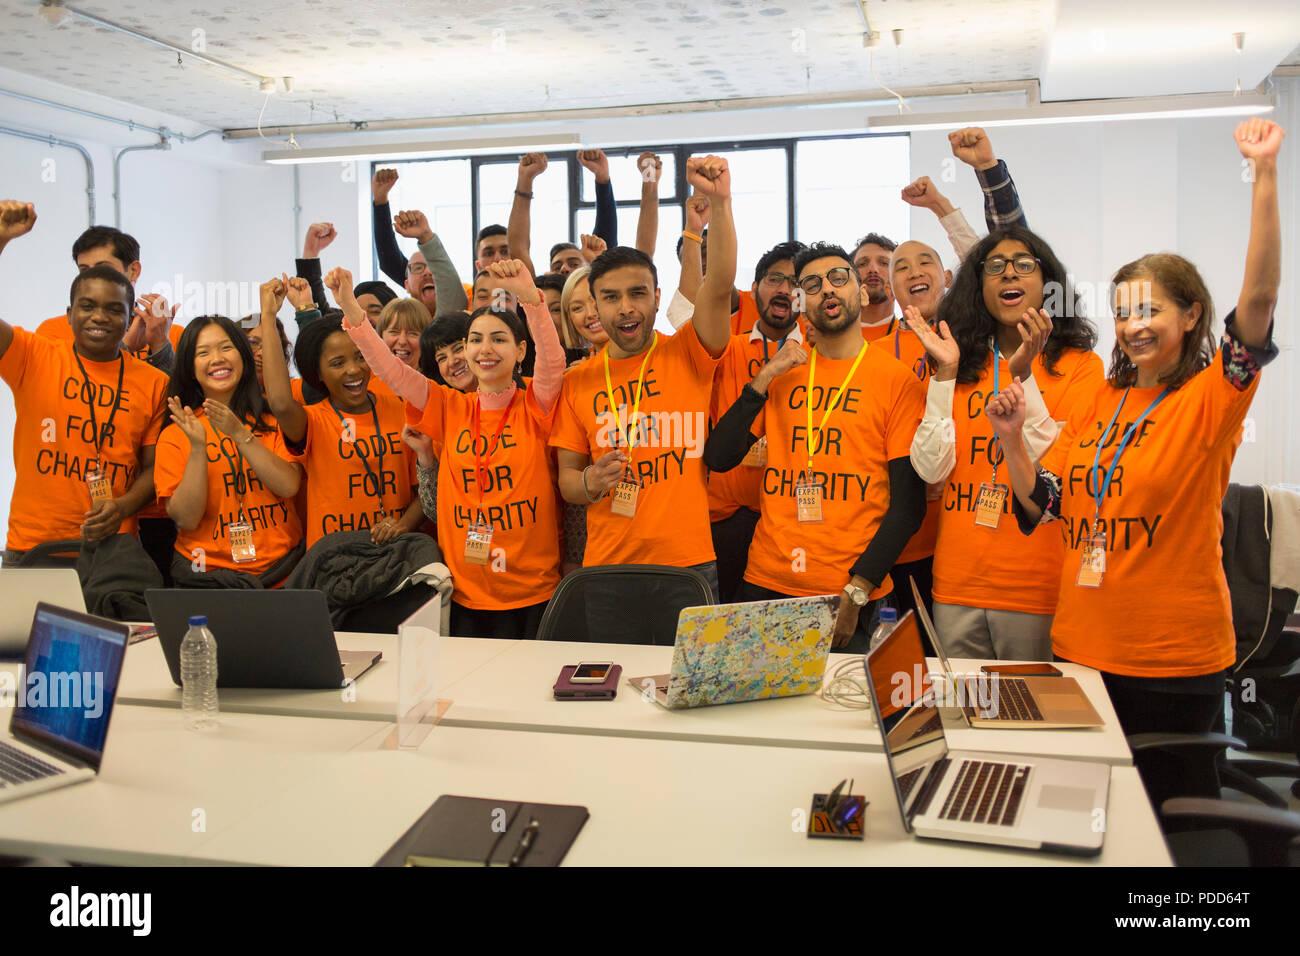 Portrait confiant les pirates ils applaudissent, codant pour la charité à l'hackathon Banque D'Images